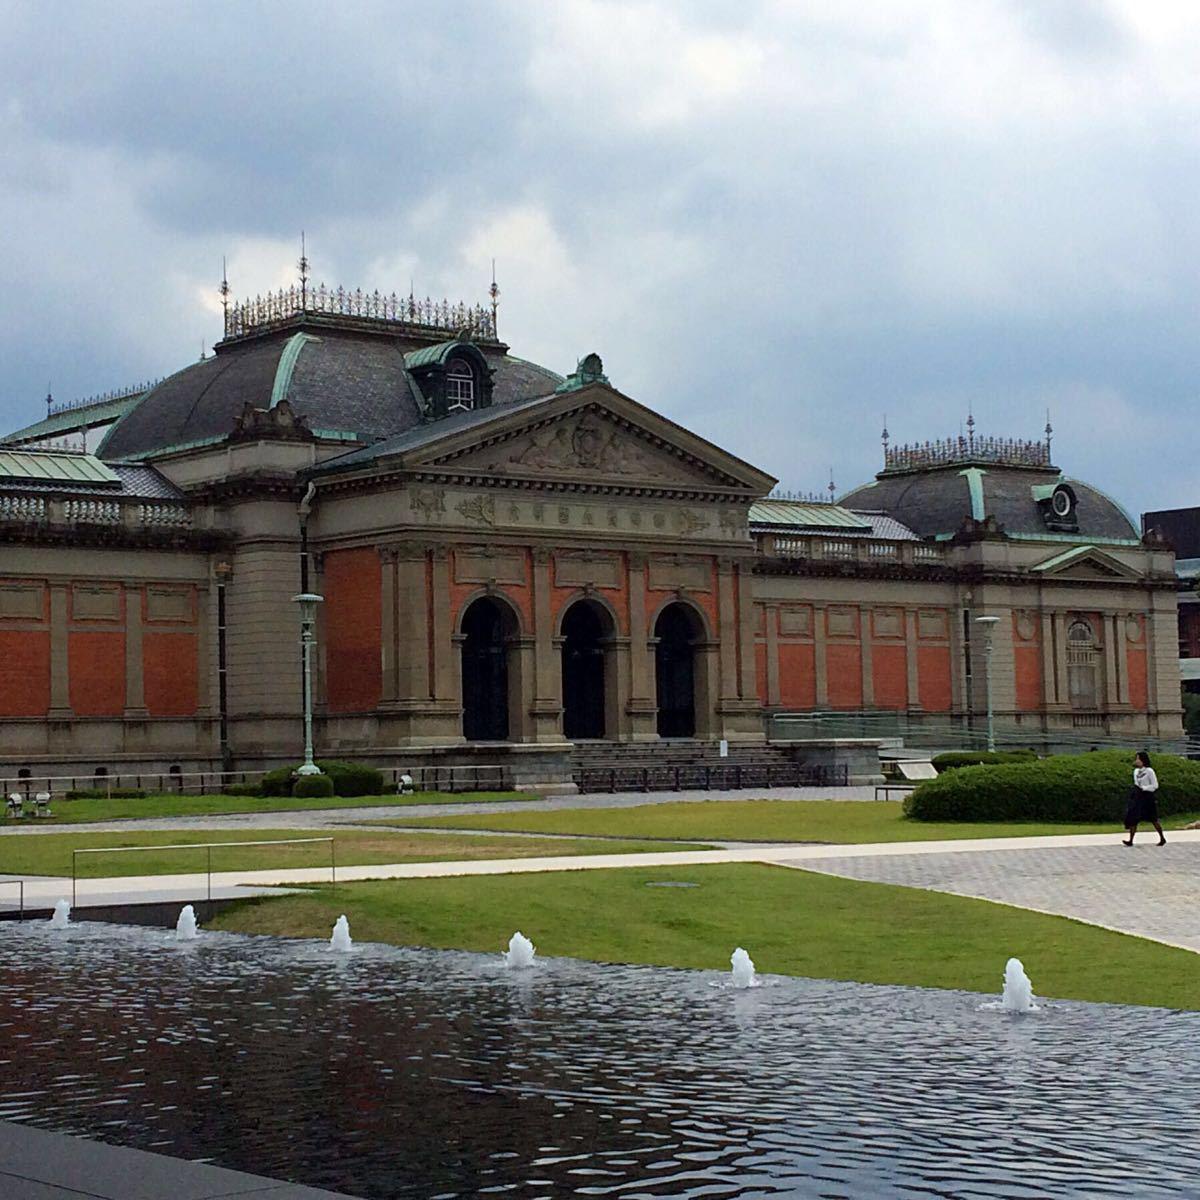 府京都京都国立博物馆好玩